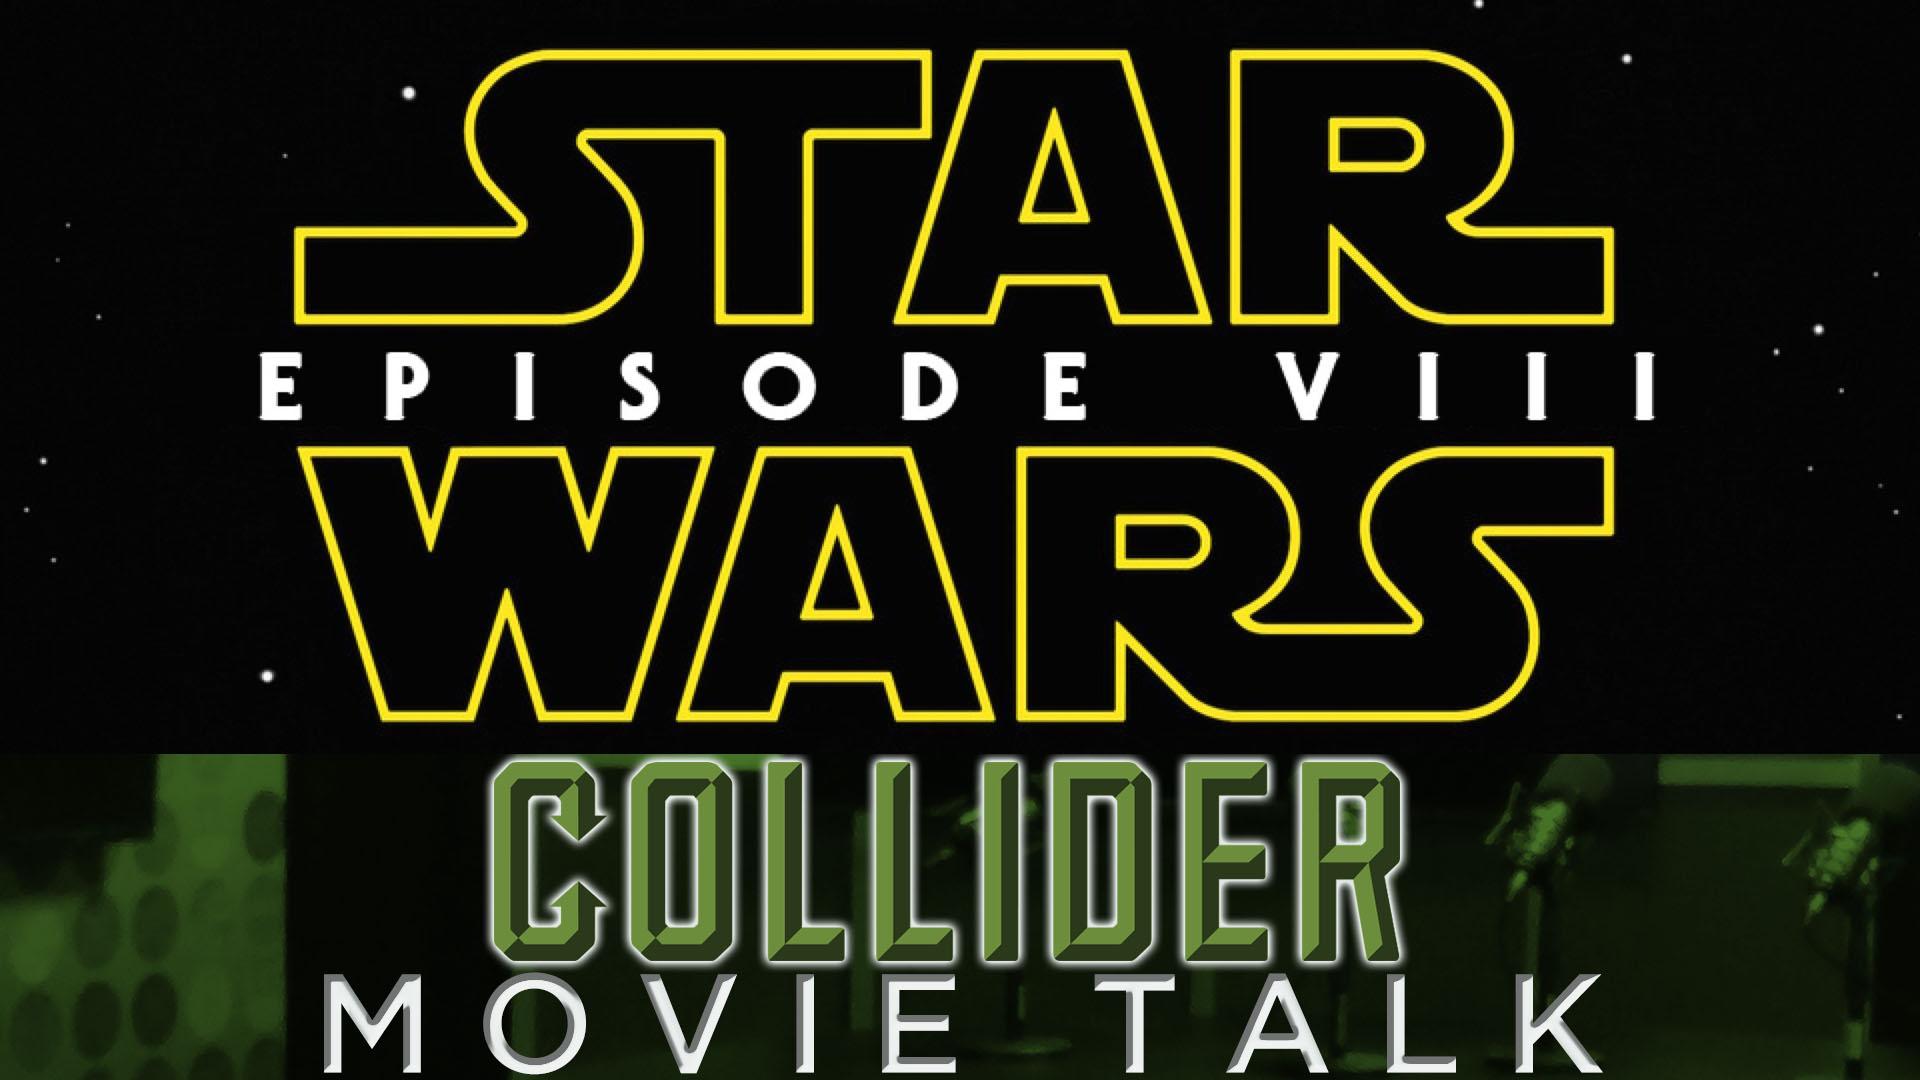 Collider Movie Talk - Star Wars Episode 8 Delayed, New X-Men: Apocalypse Details